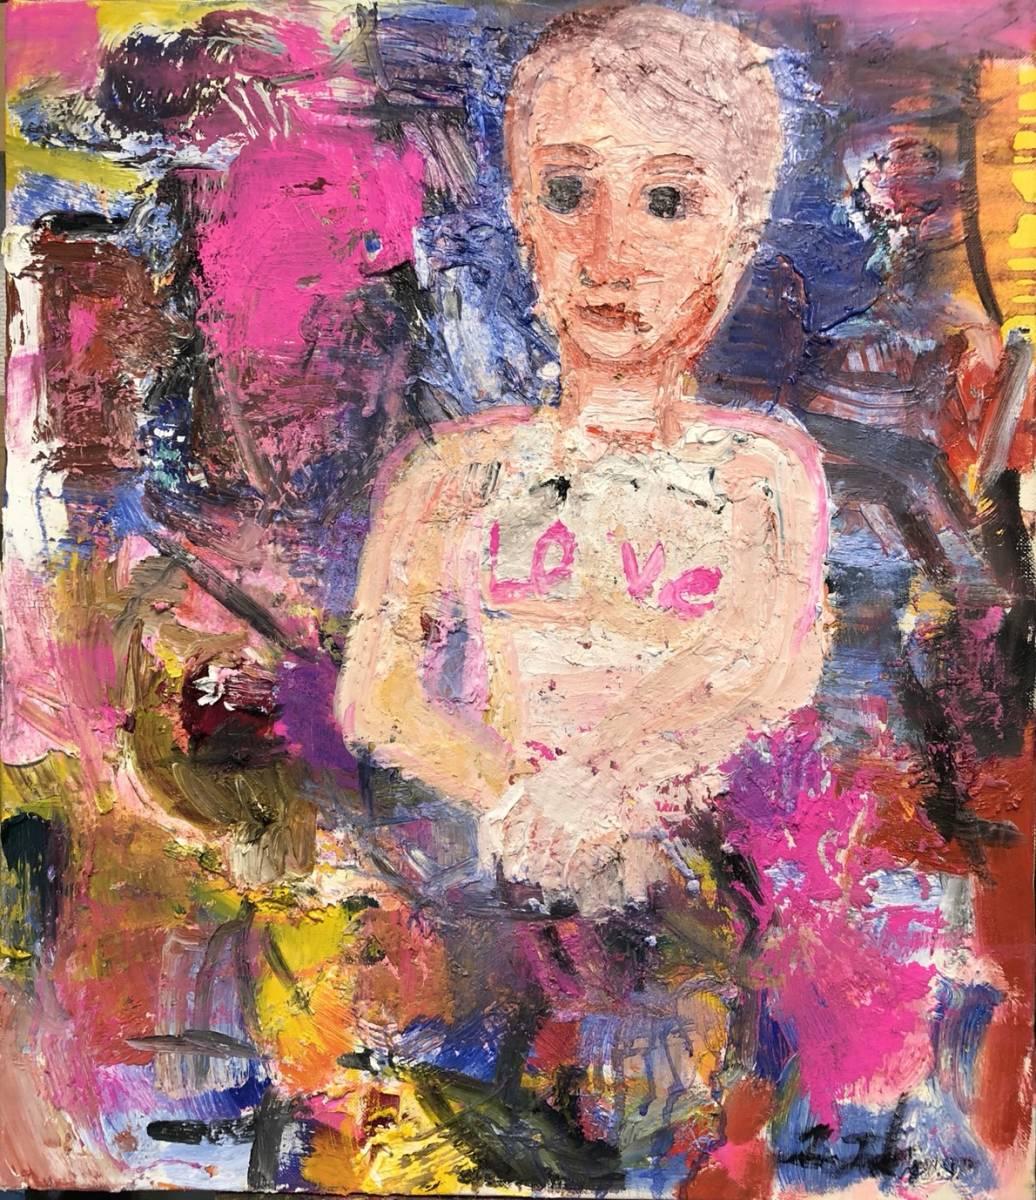 イギリス国立美術館収蔵作家、現代アート田中拓馬の抽象表現主義油彩!NYなど世界中のオークションで落札実績あり!